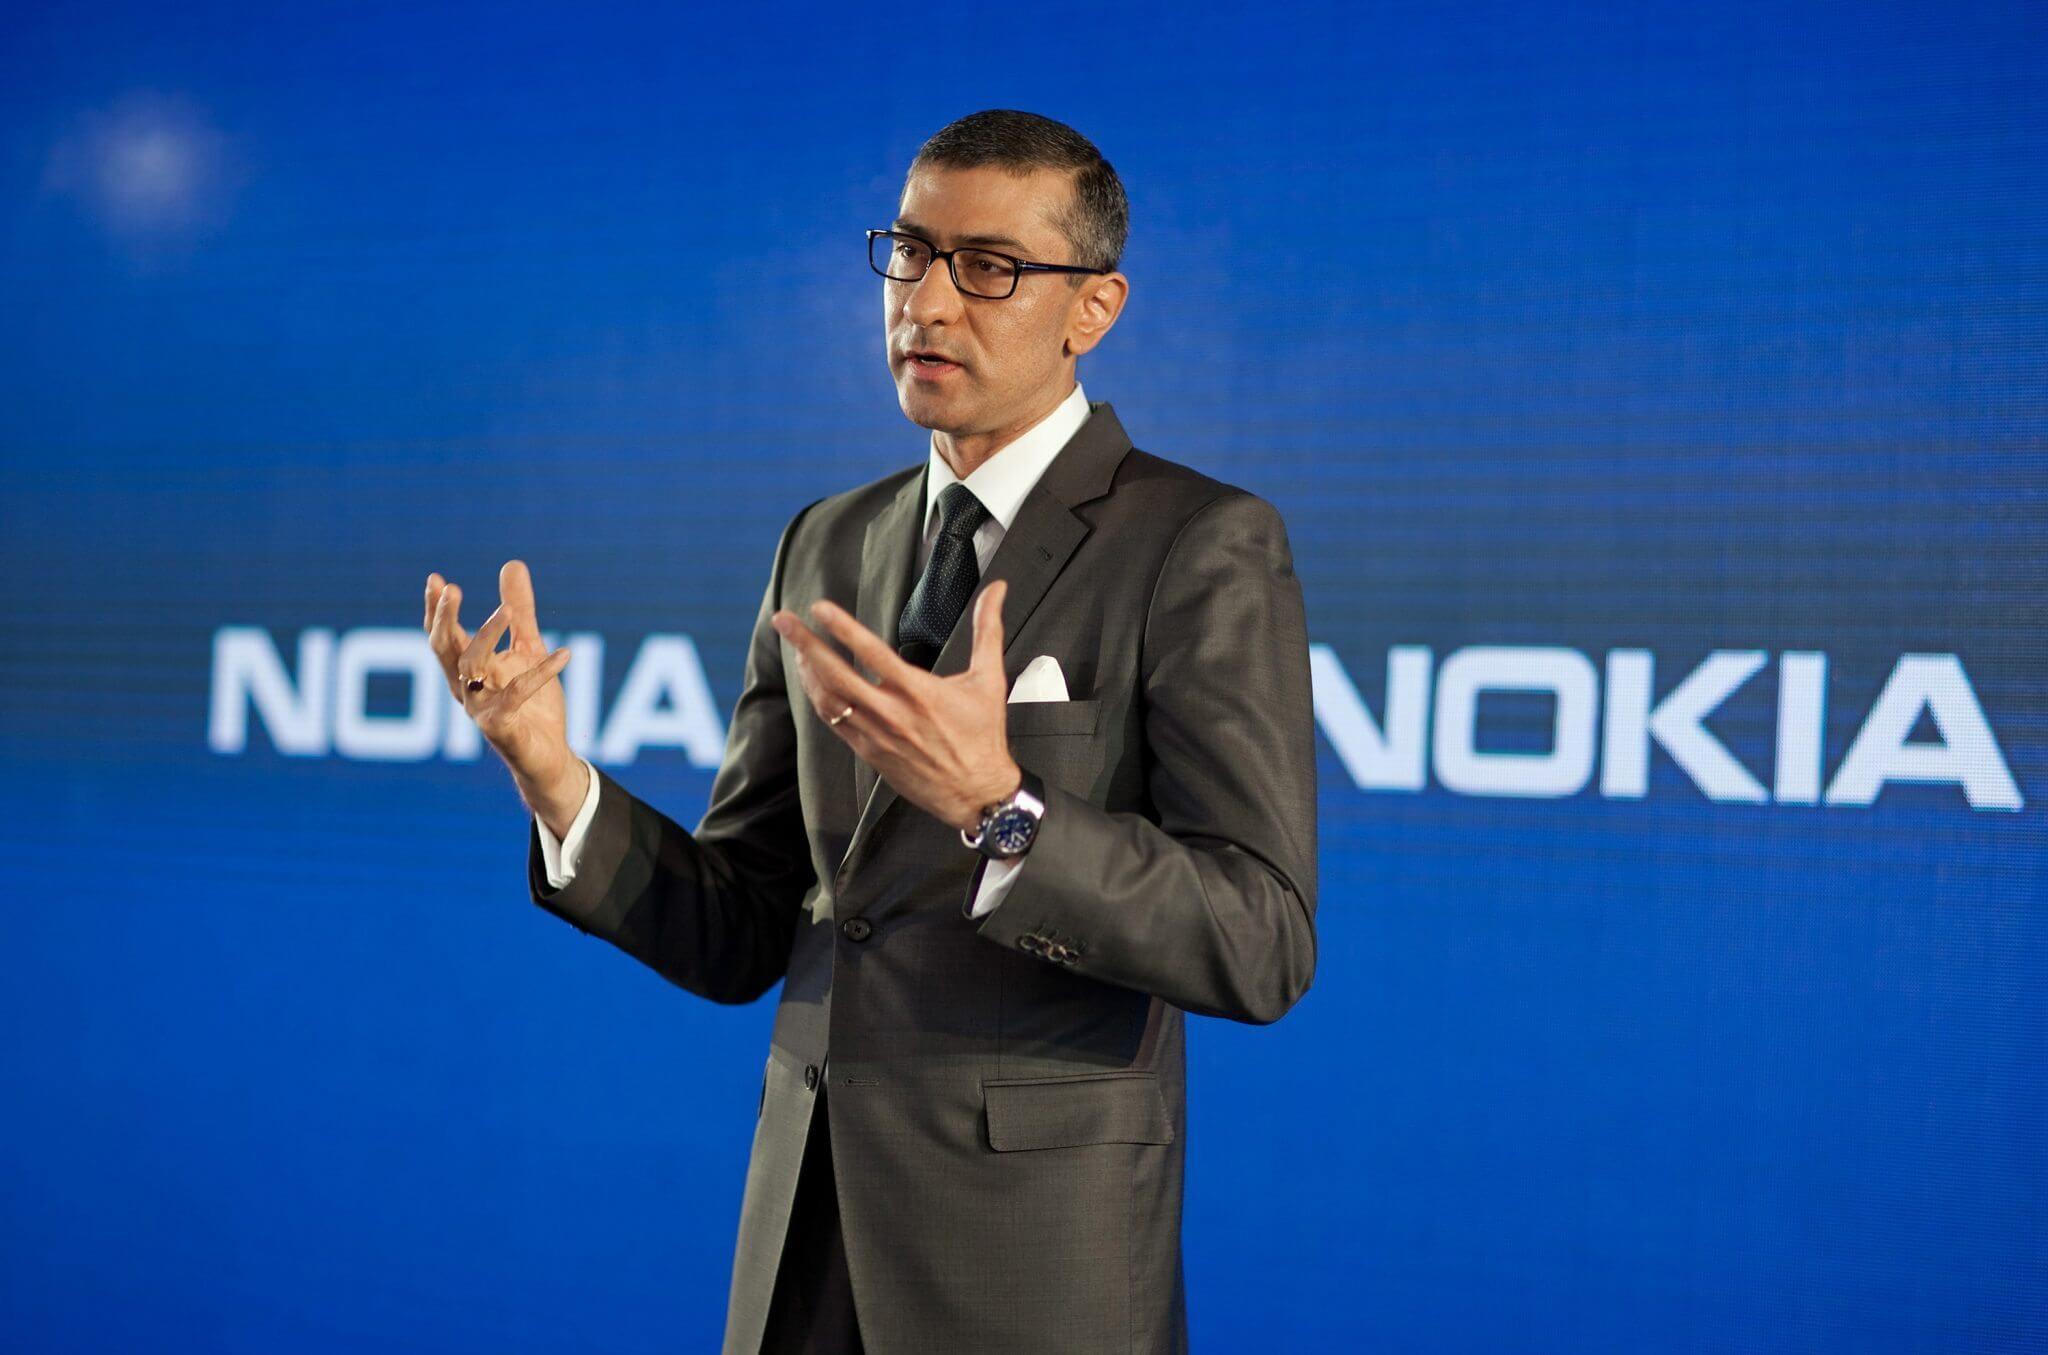 1x 1 - CEO da Nokia confirma que a empresa voltará a produzir smartphones